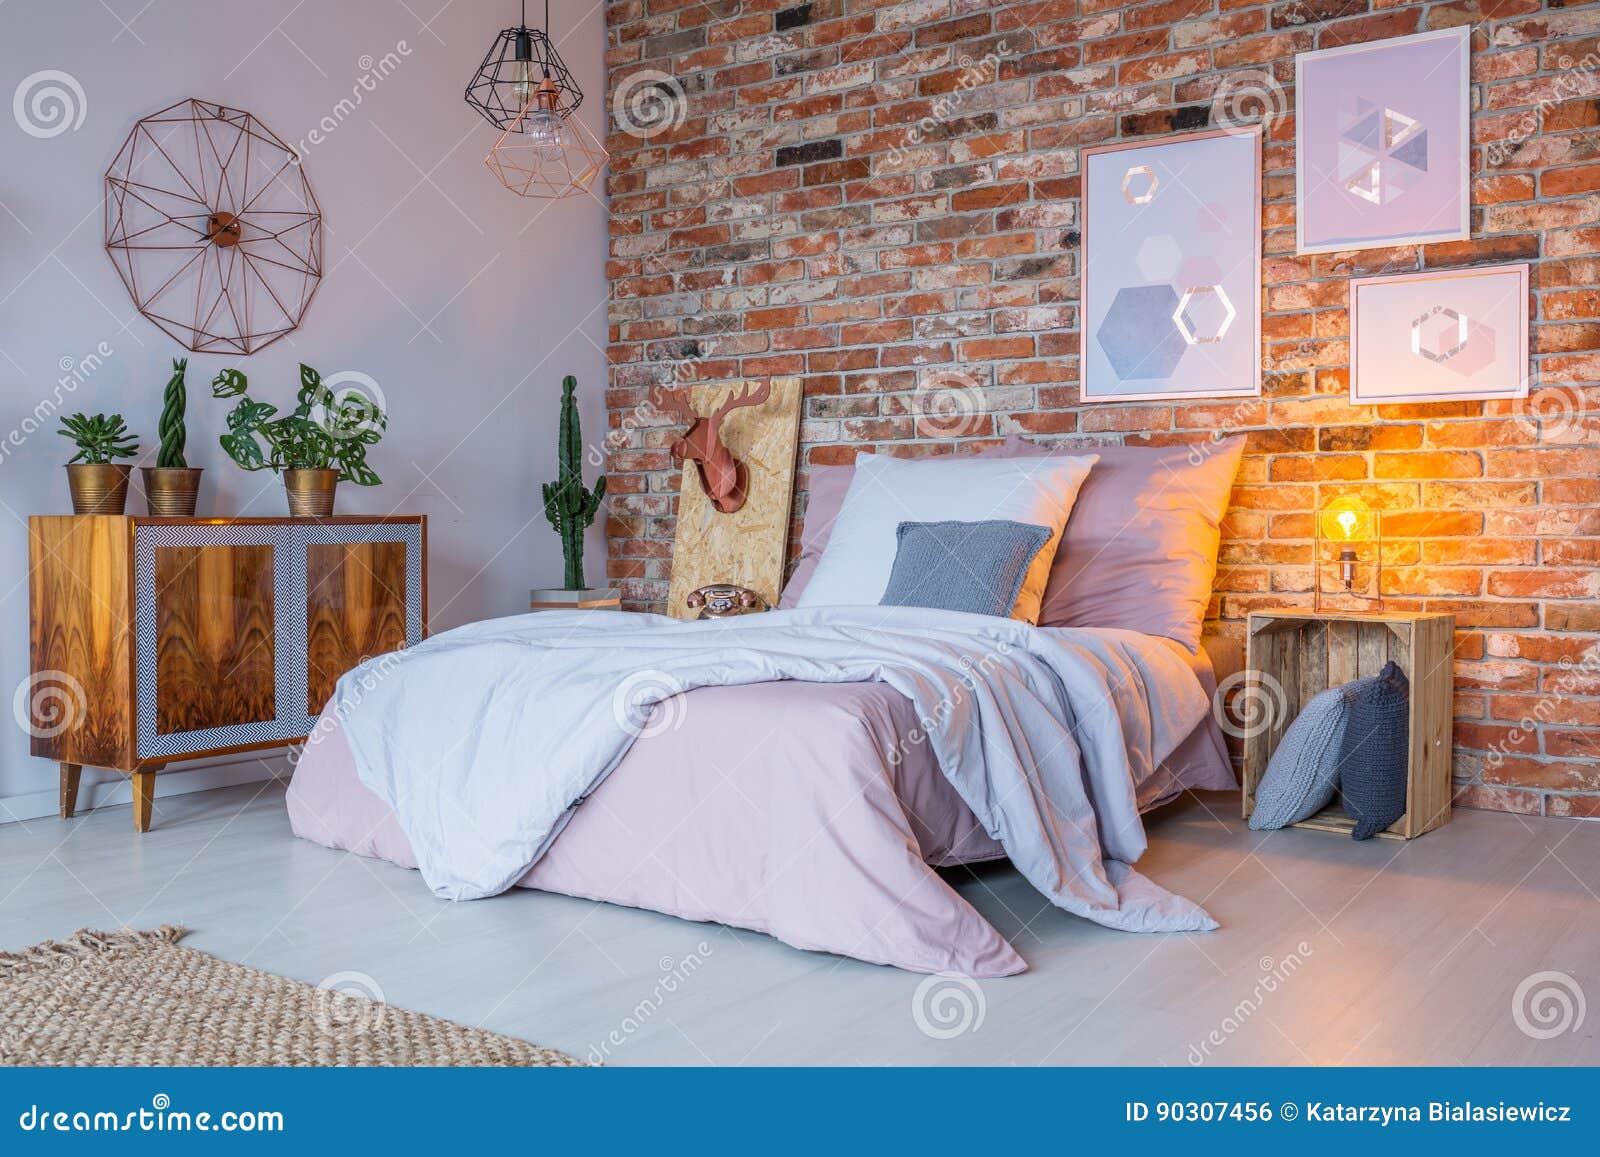 Design industriale della camera da letto fotografia stock for Design della camera degli ospiti